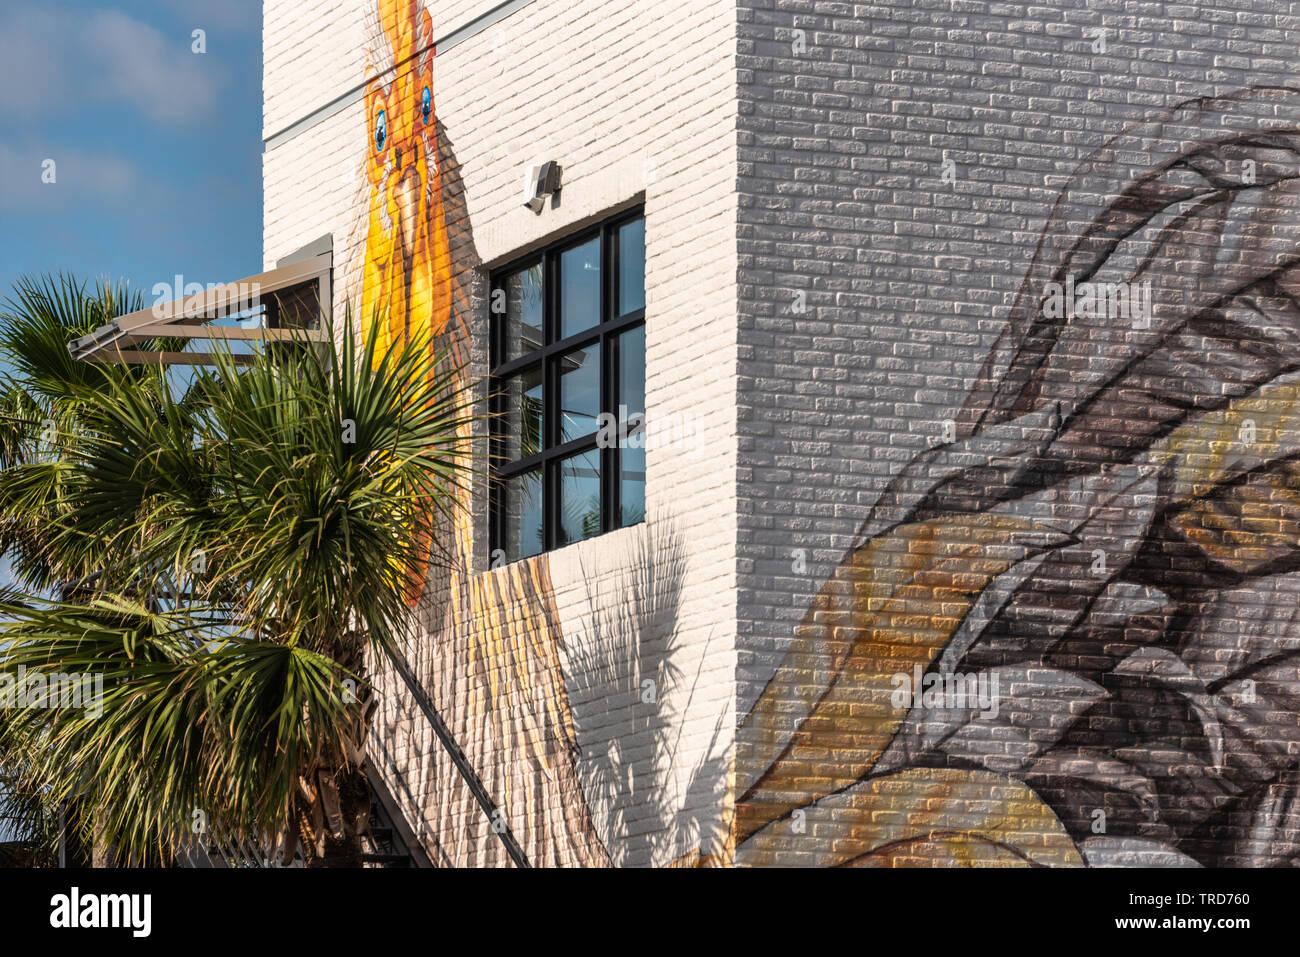 Coop 303 restaurante arte mural en playas del norte centro de Atlantic Beach, Florida. (Ee.Uu.) Imagen De Stock